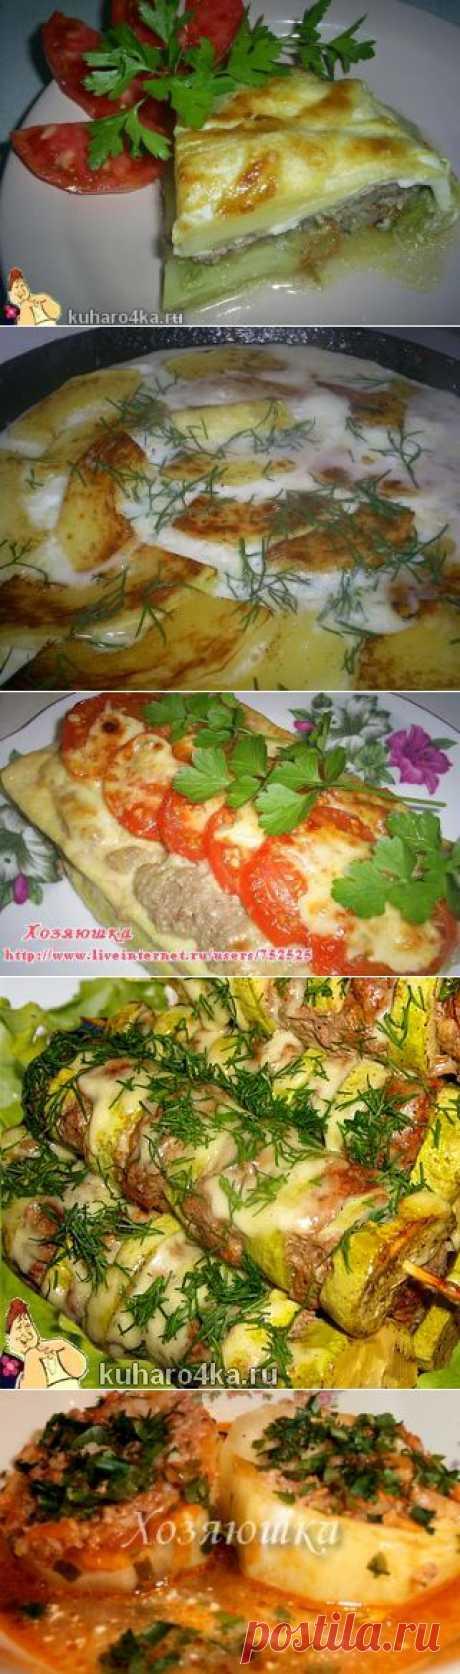 Летние блюда из кабачков.